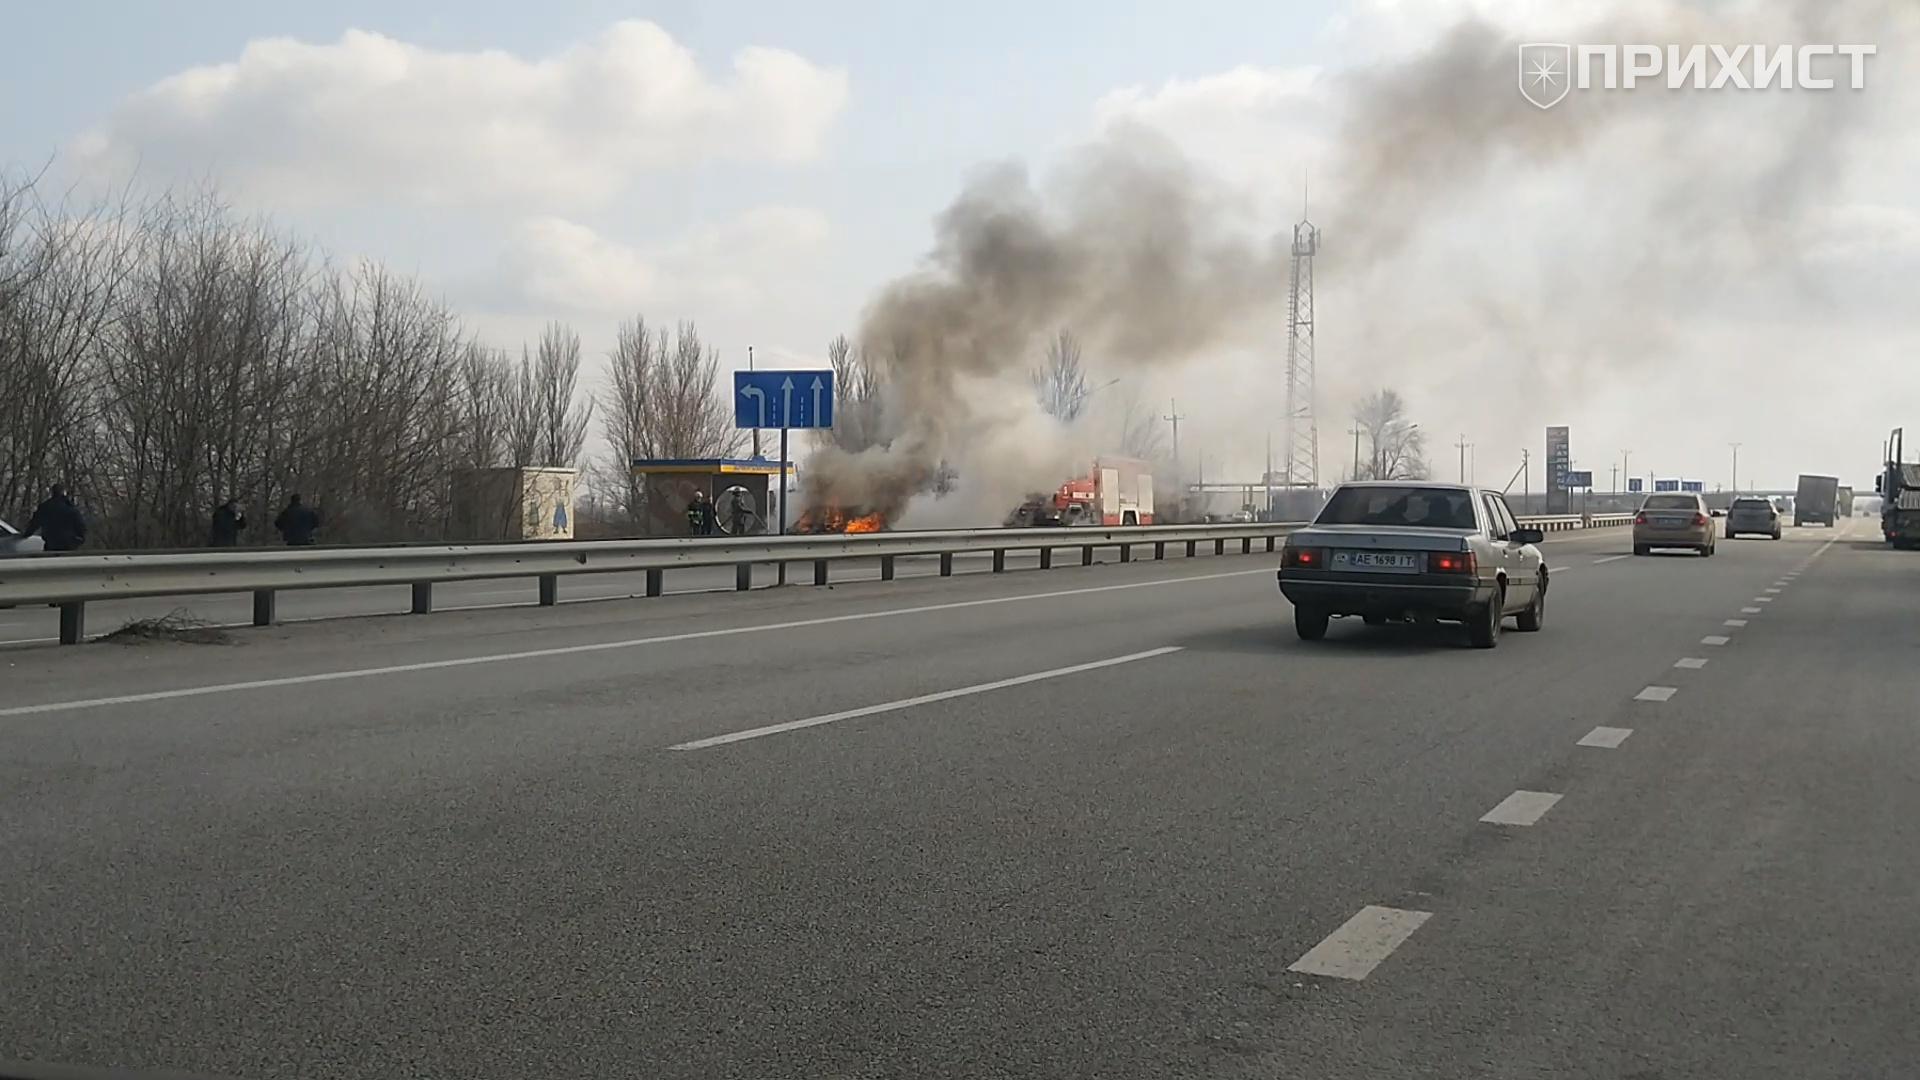 На трассе Запорожье-Днепр сгорел автомобиль | Прихист